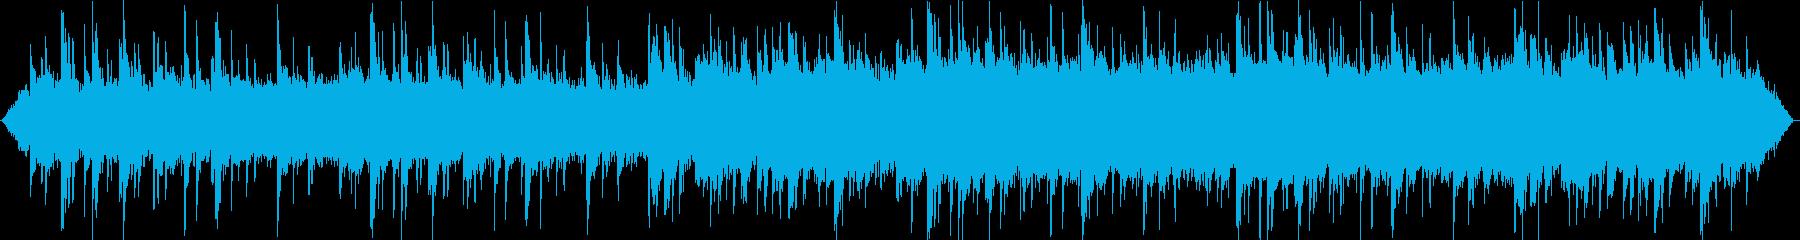 夜の森とピアノが印象的なヒーリング音楽の再生済みの波形